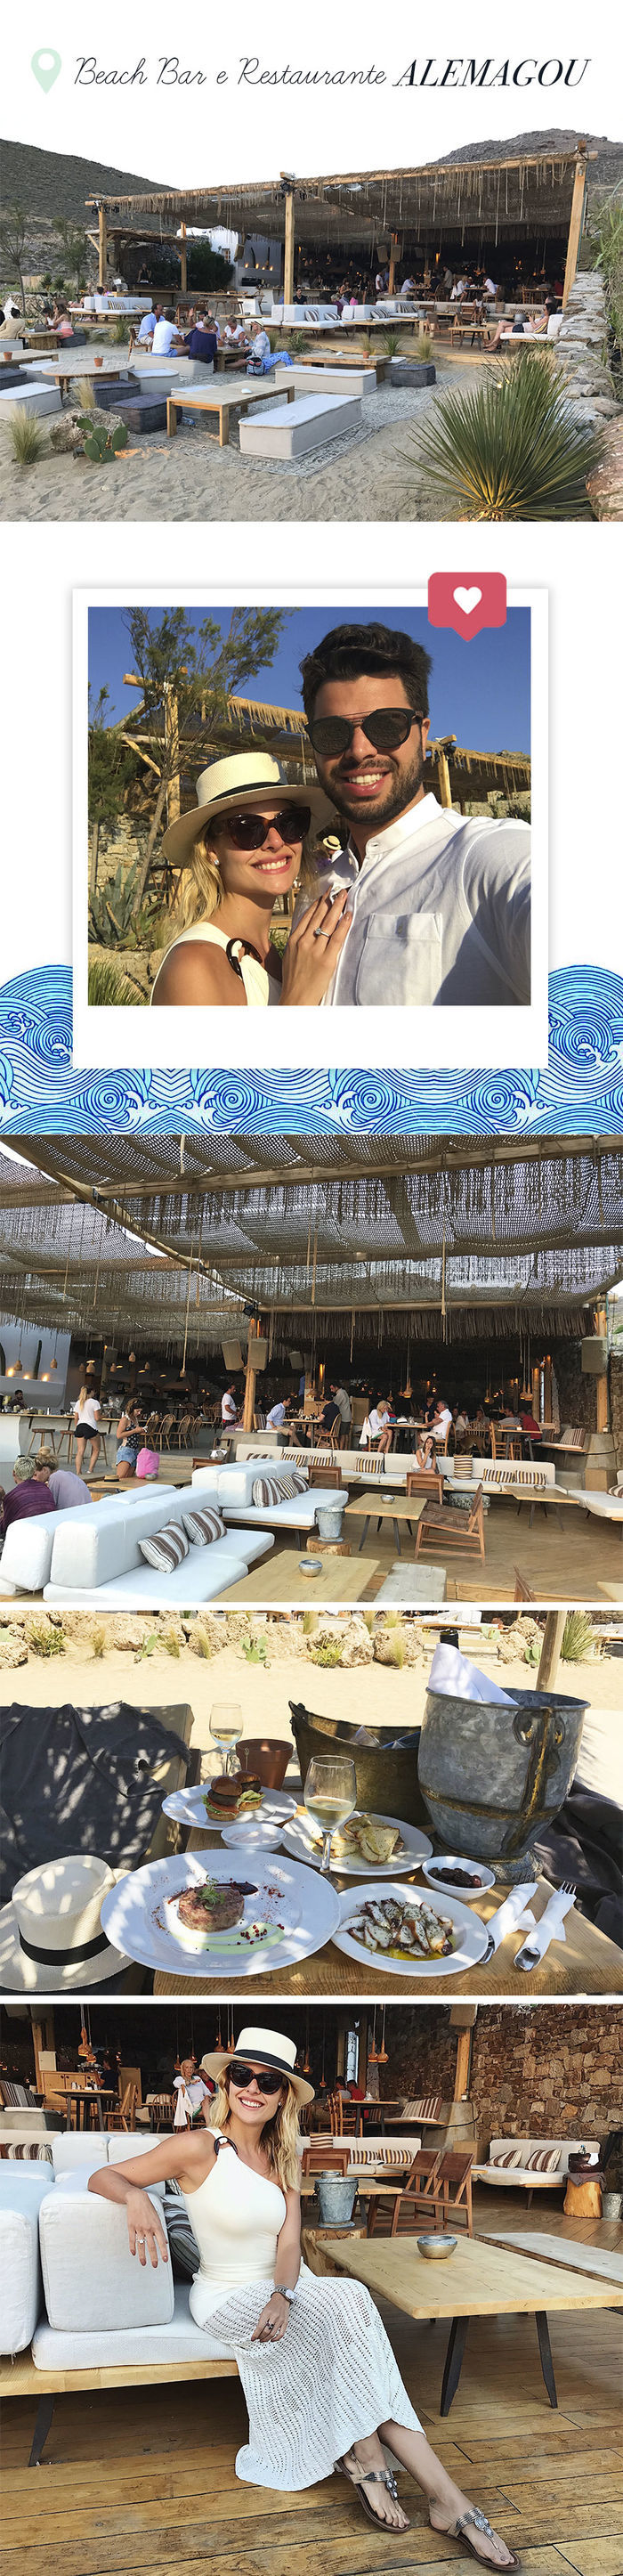 Layla Monteiro noiva pedido de casamento na Grécia viagem dicas Mykonos restaurante bar Alemagou